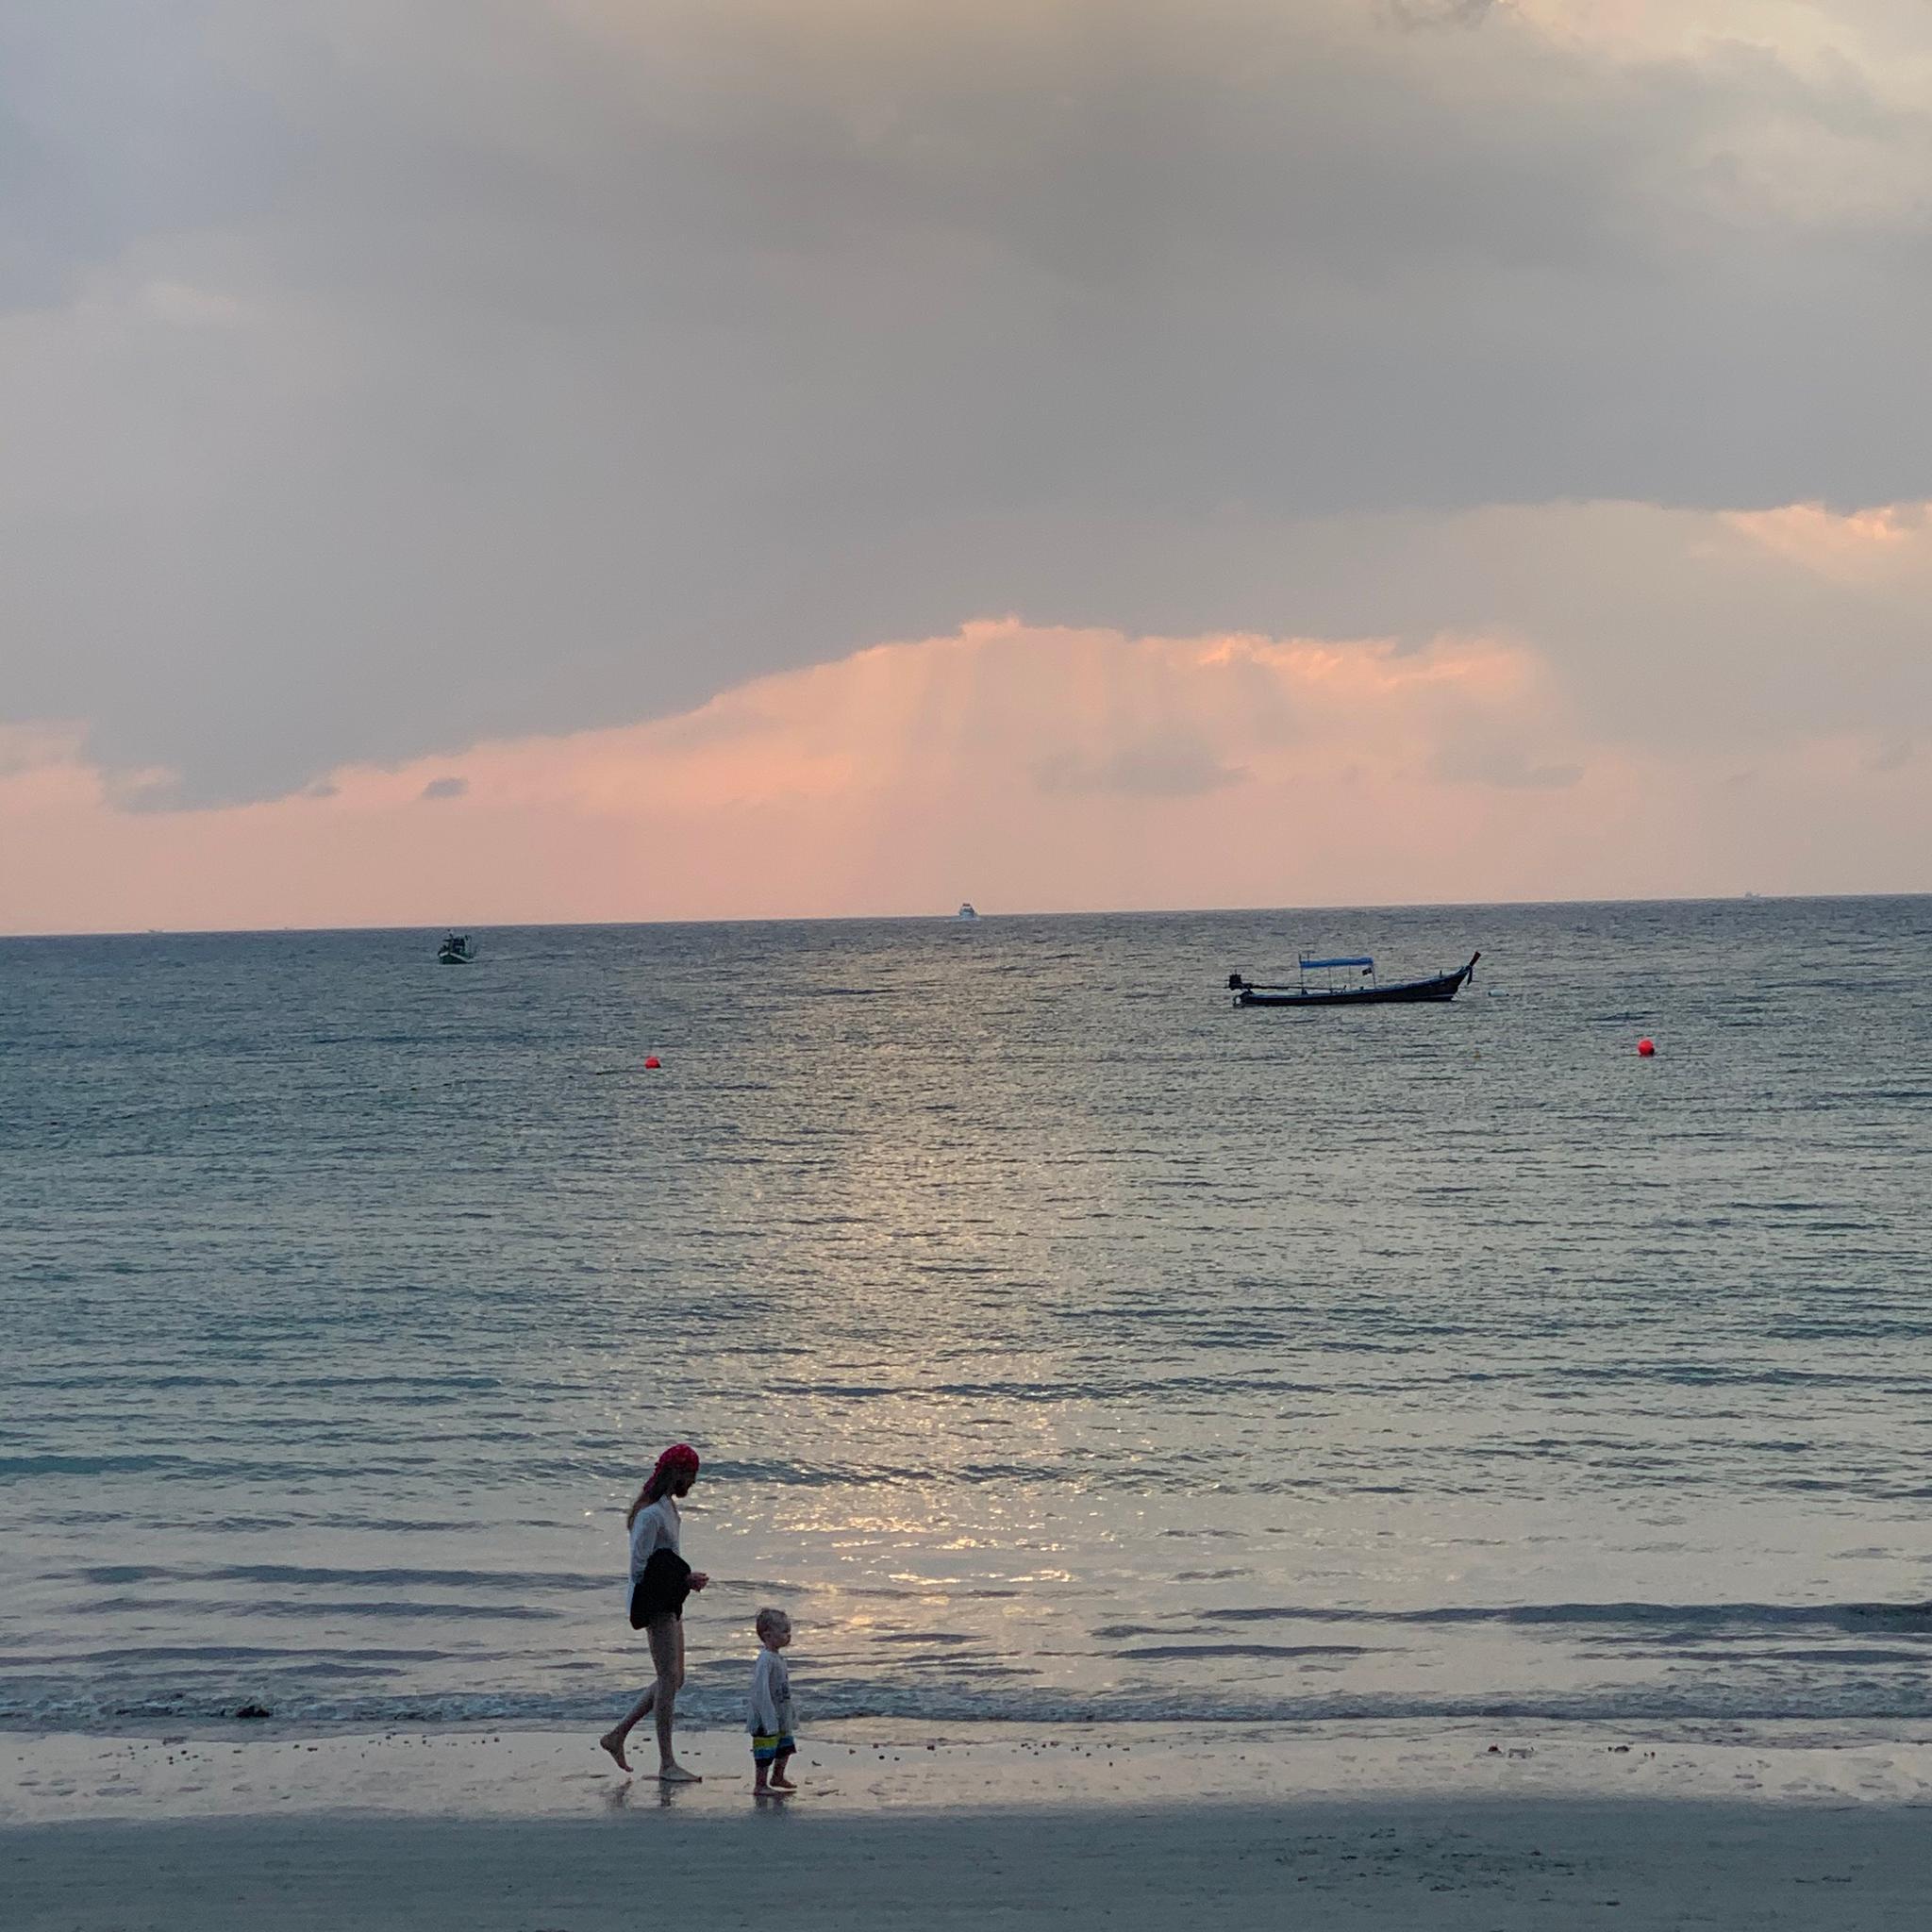 这几天的一些照片 最喜欢的是普吉岛的日落感觉连空气都是粉红色的